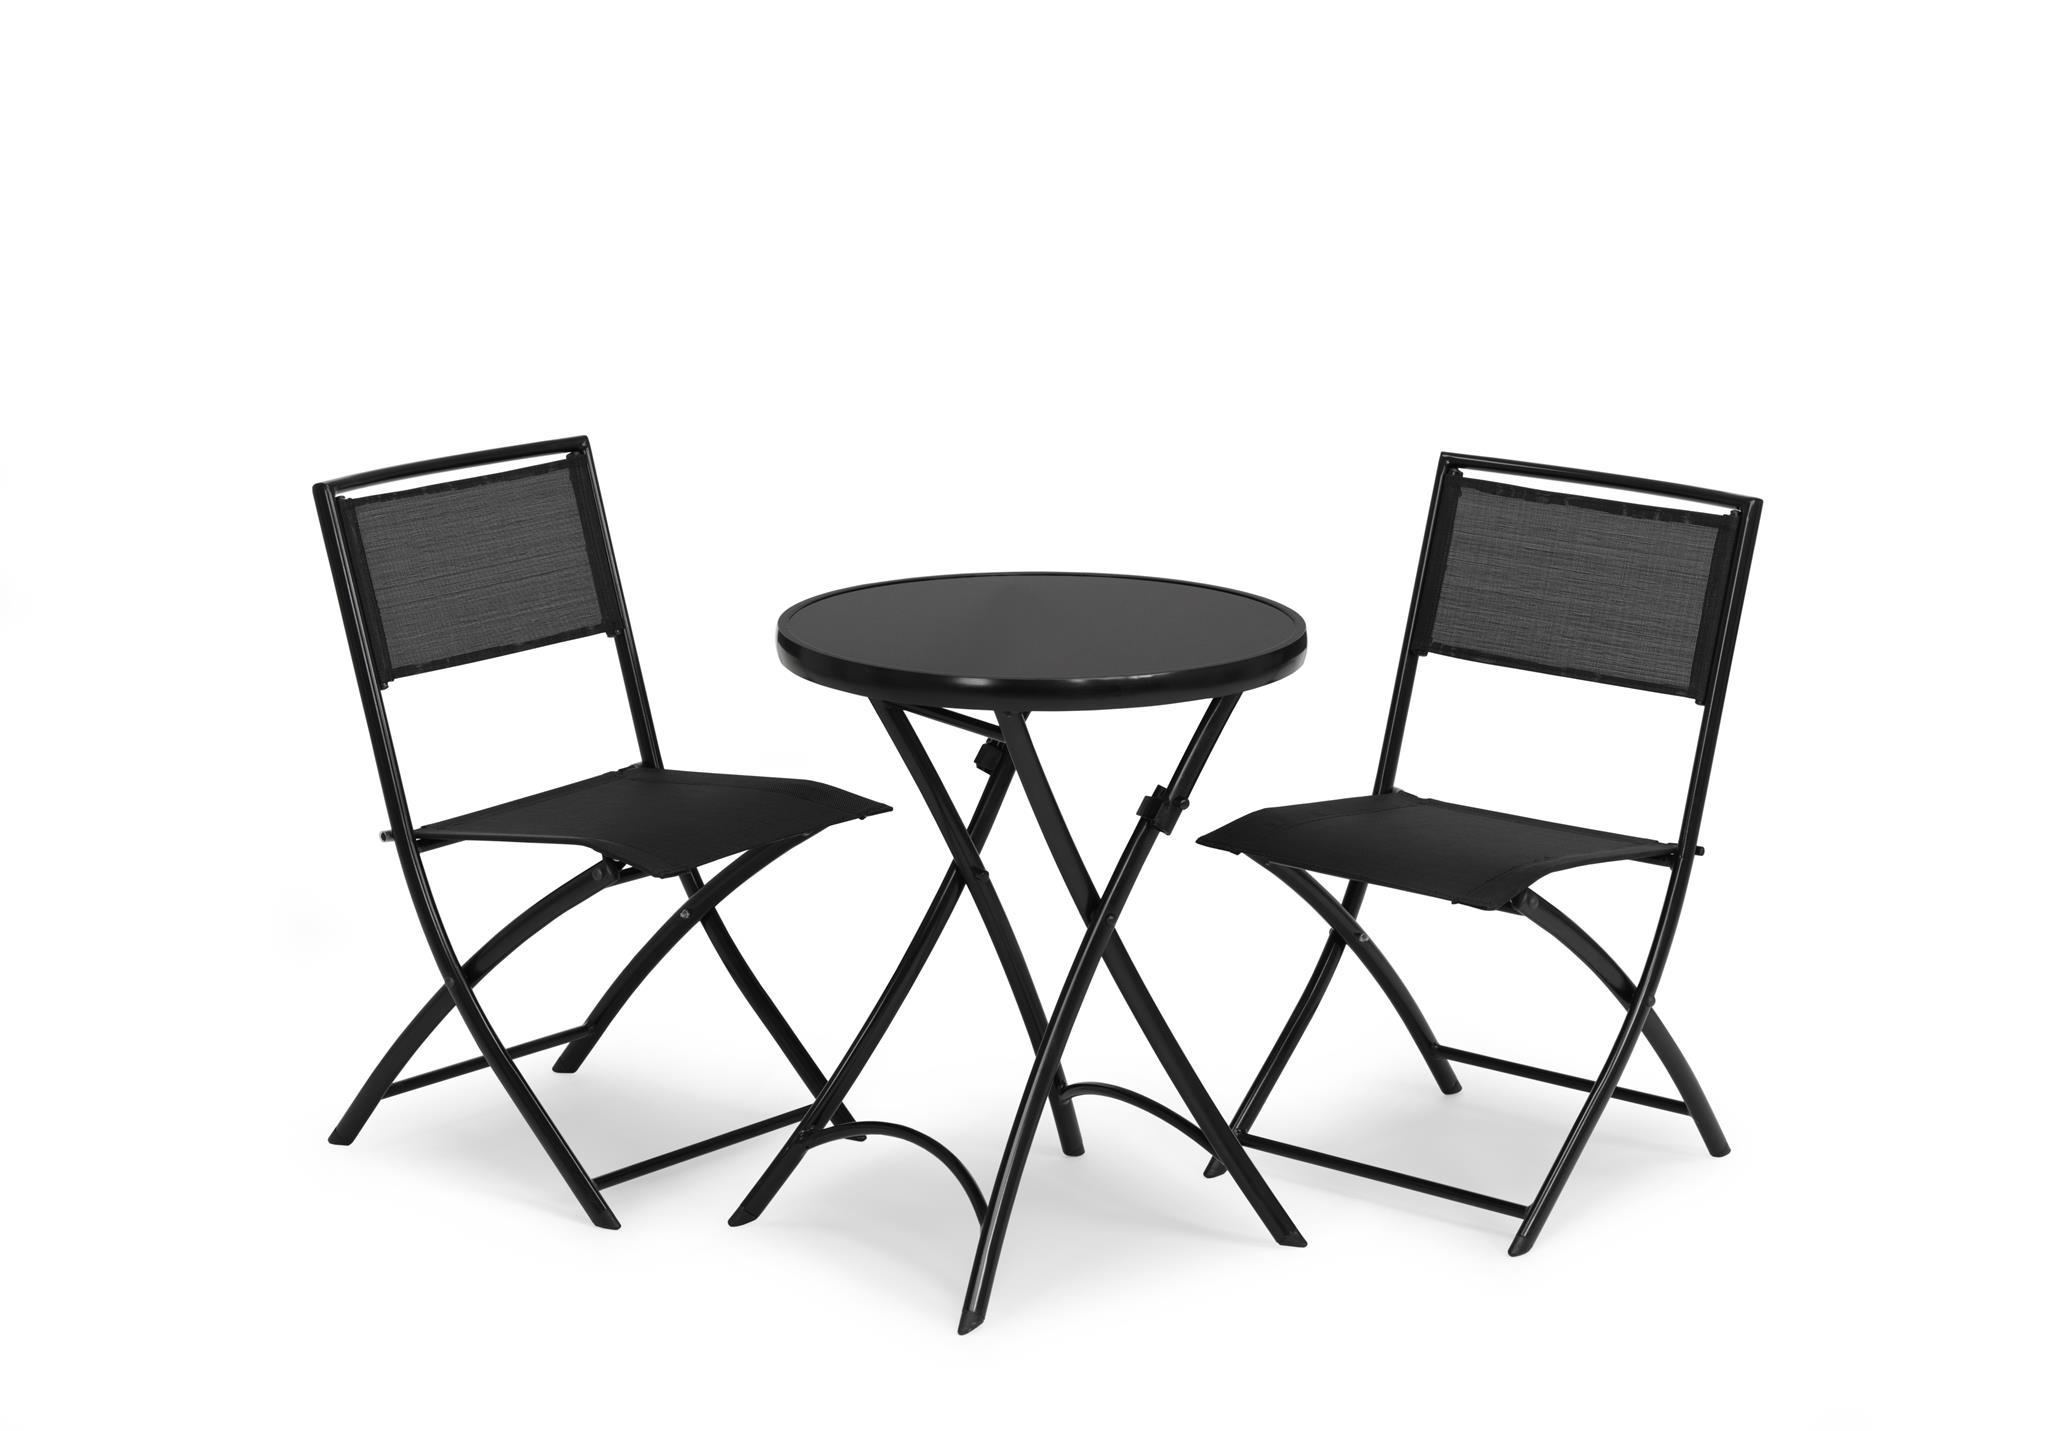 Hillerstorp Belinge Cafégrupp består av ett nätt runt bord i svart stål med glasskiva och två klappstolar i svart stål och textilene.